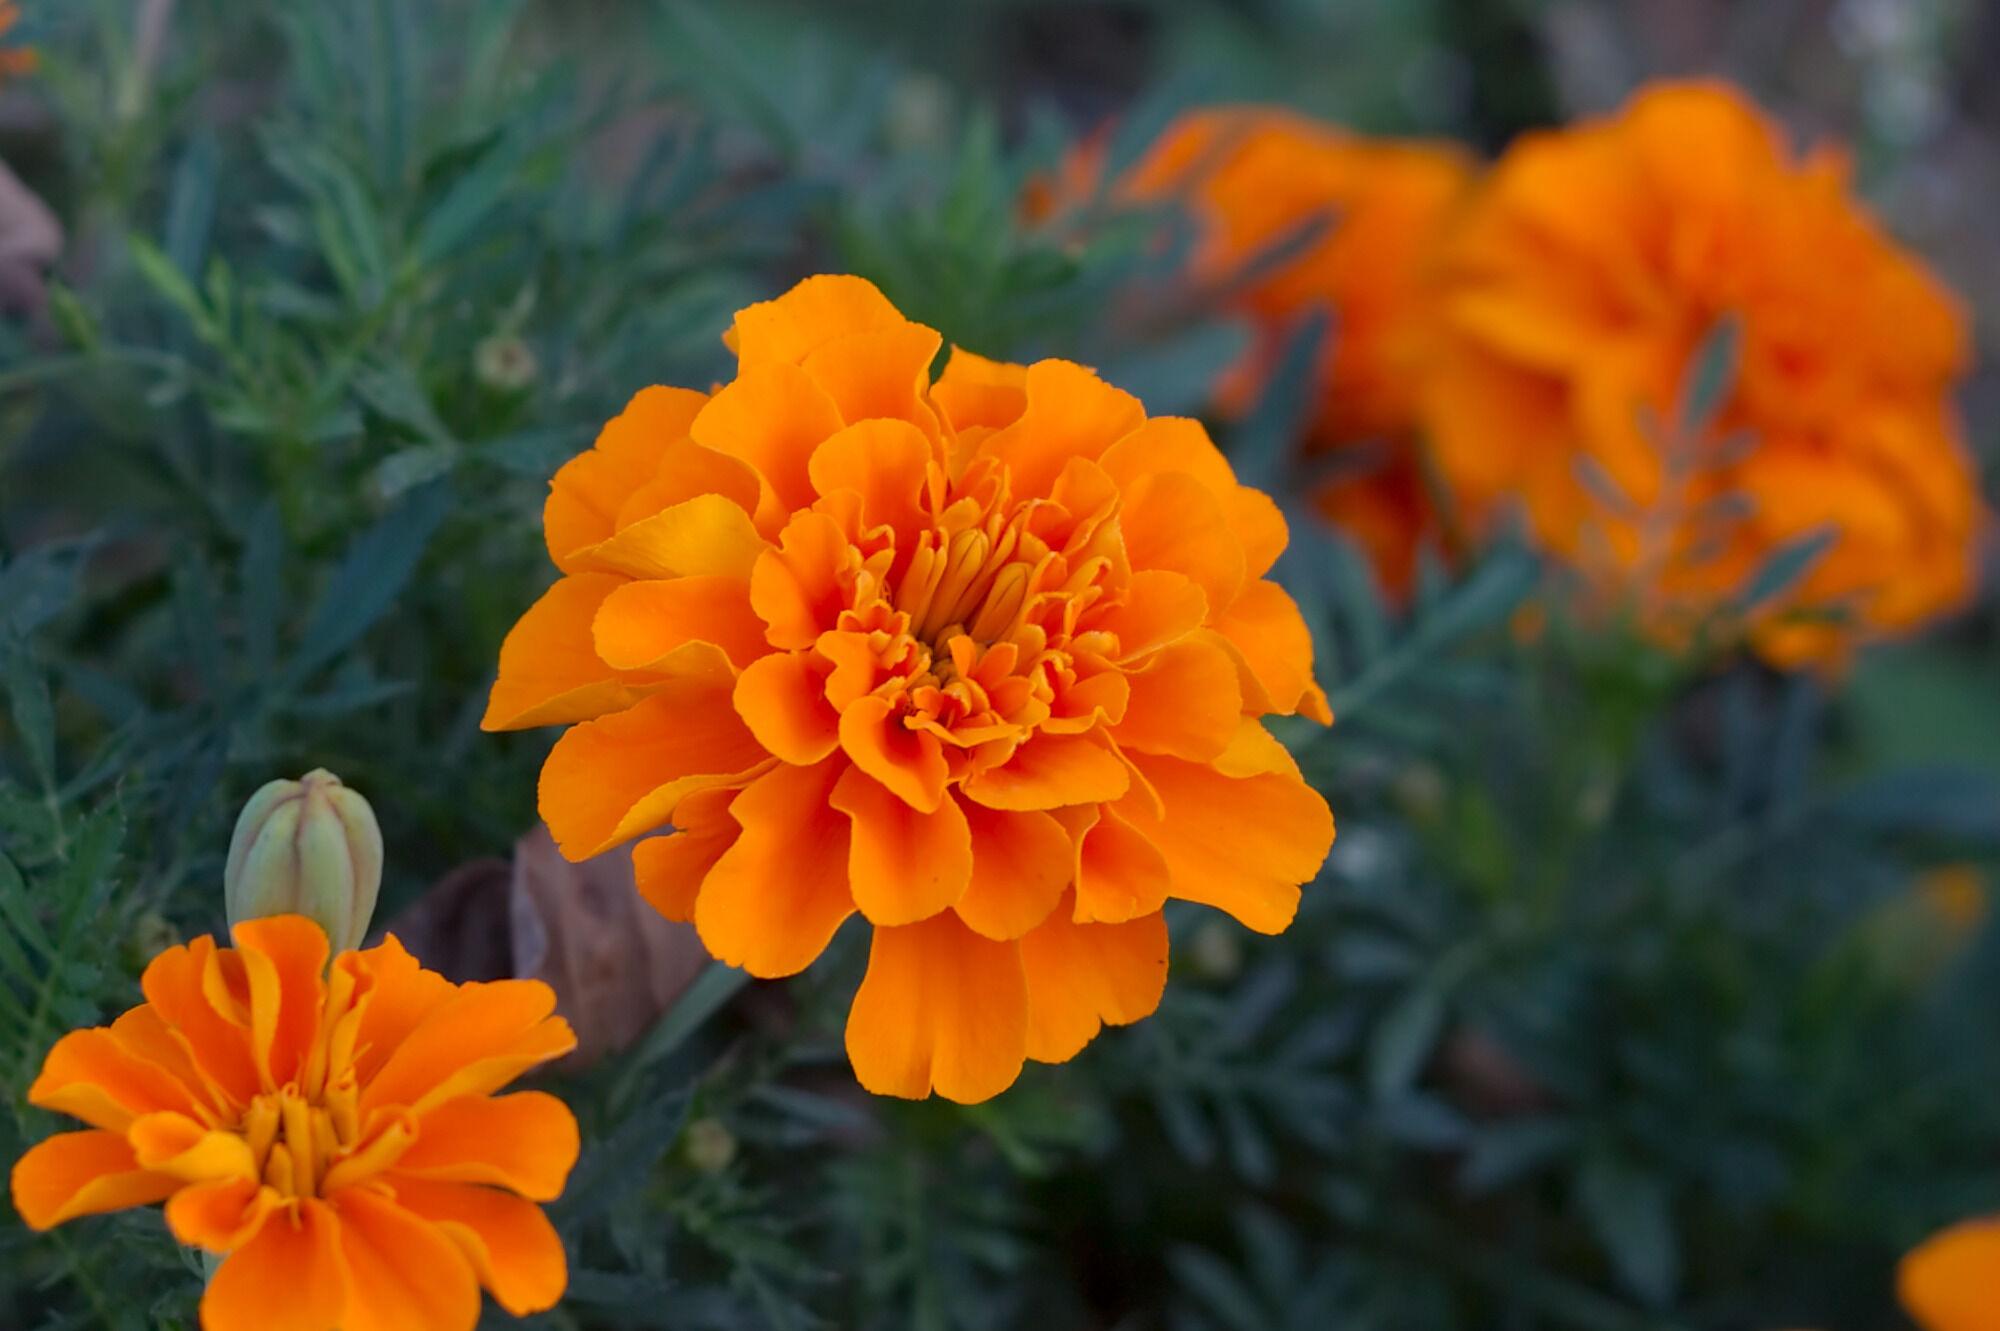 thumb<Eine Studentenblume, in Japan aus der englischen Sprache entlehnt Marigold genannt.